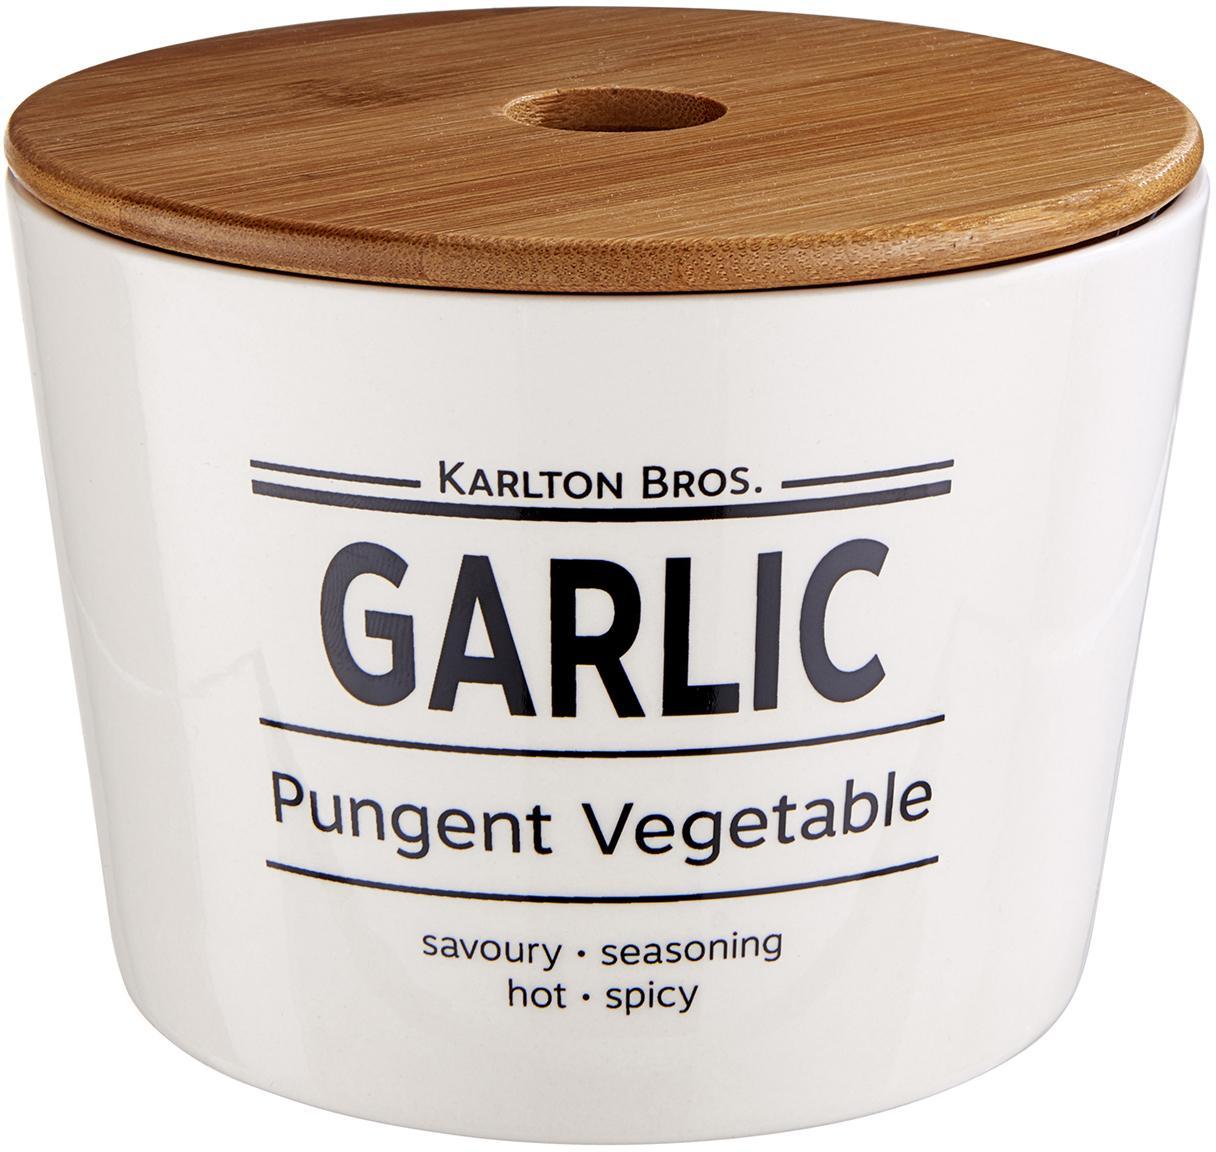 Aufbewahrungsdose Karlton Bros. Garlic, Porzellan, Weiß, Schwarz, Braun, Ø 14 x H 11 cm